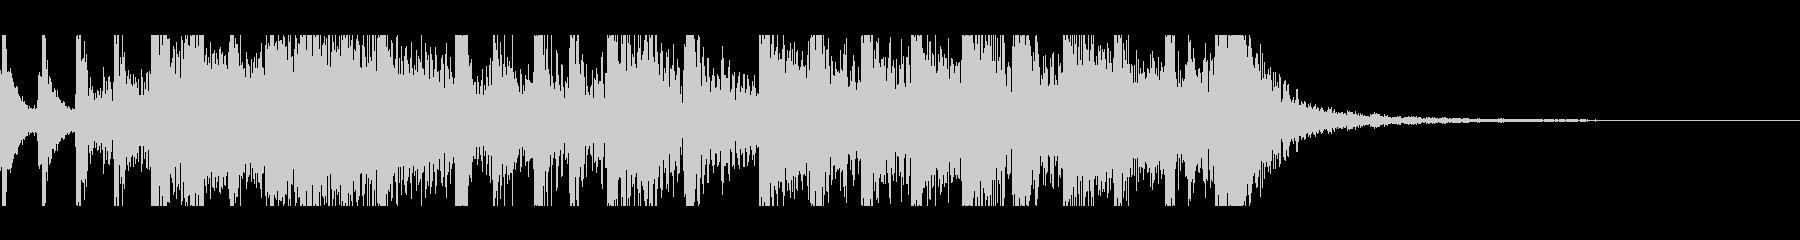 和+ロックのインパクトのあるジングルの未再生の波形